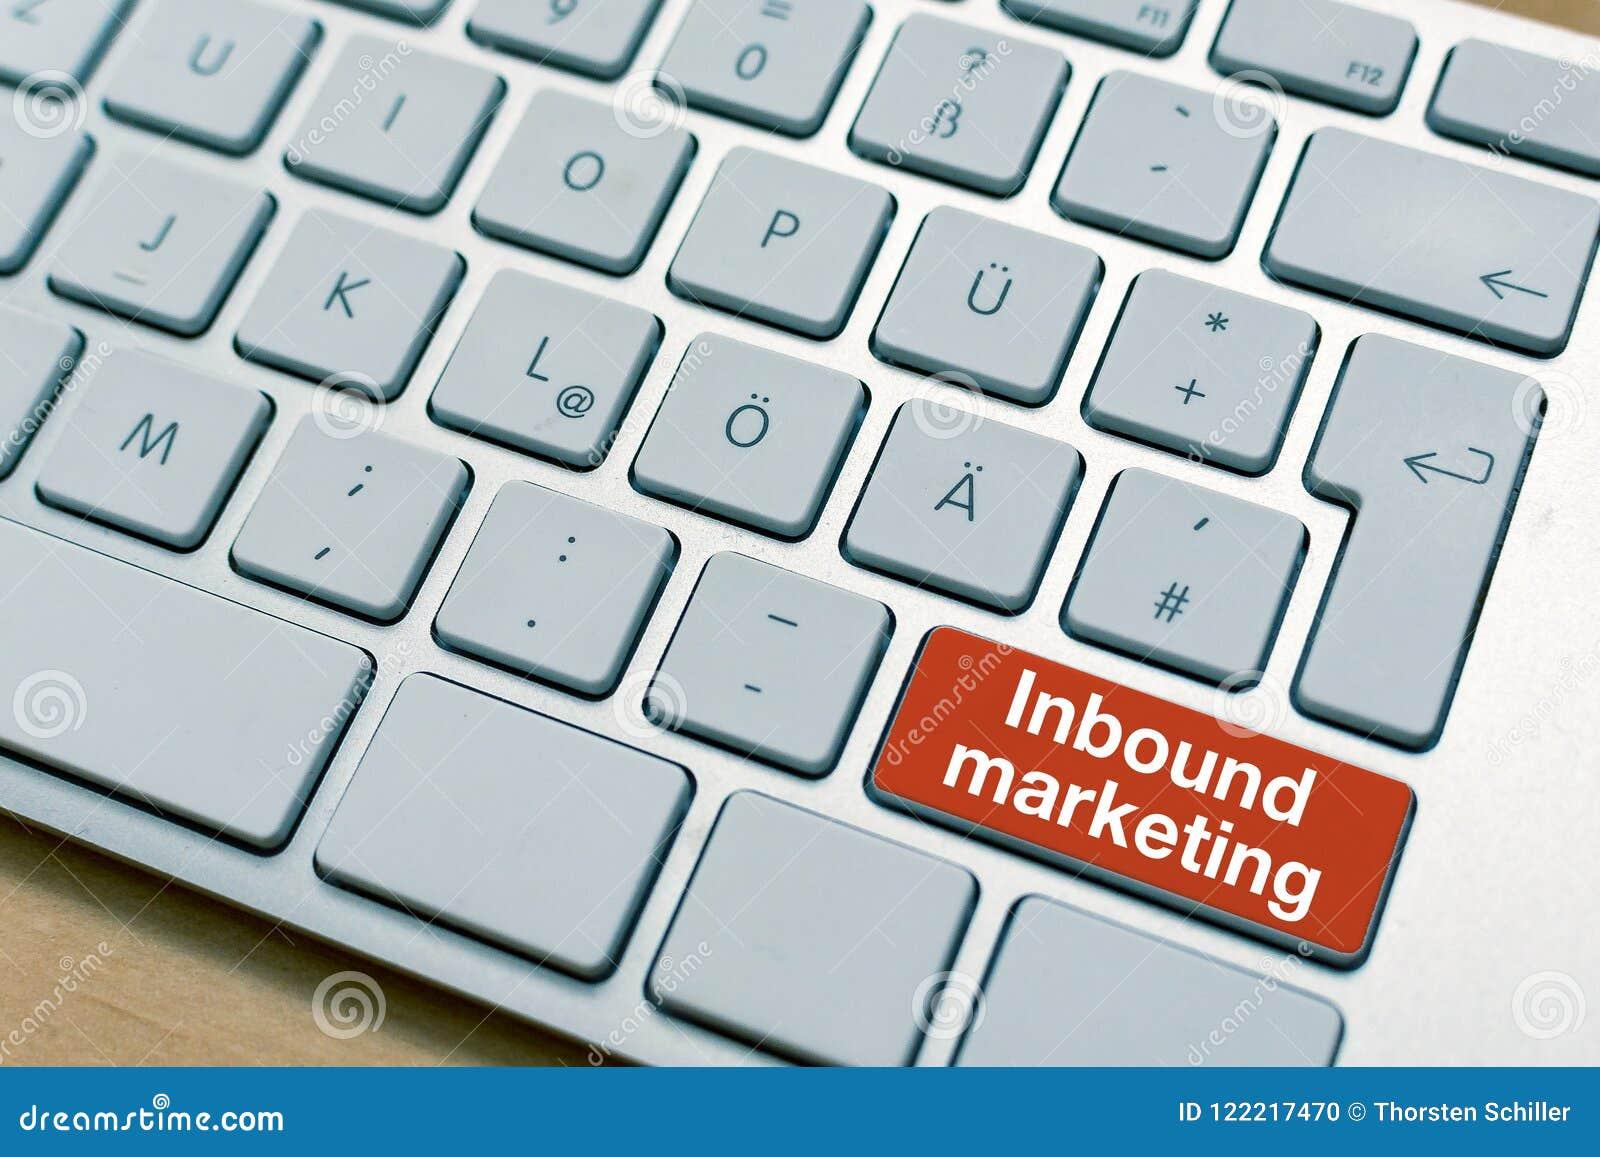 Inlandsmarketing-Knopfknopf geschrieben auf Laptop-Computer Tastatur